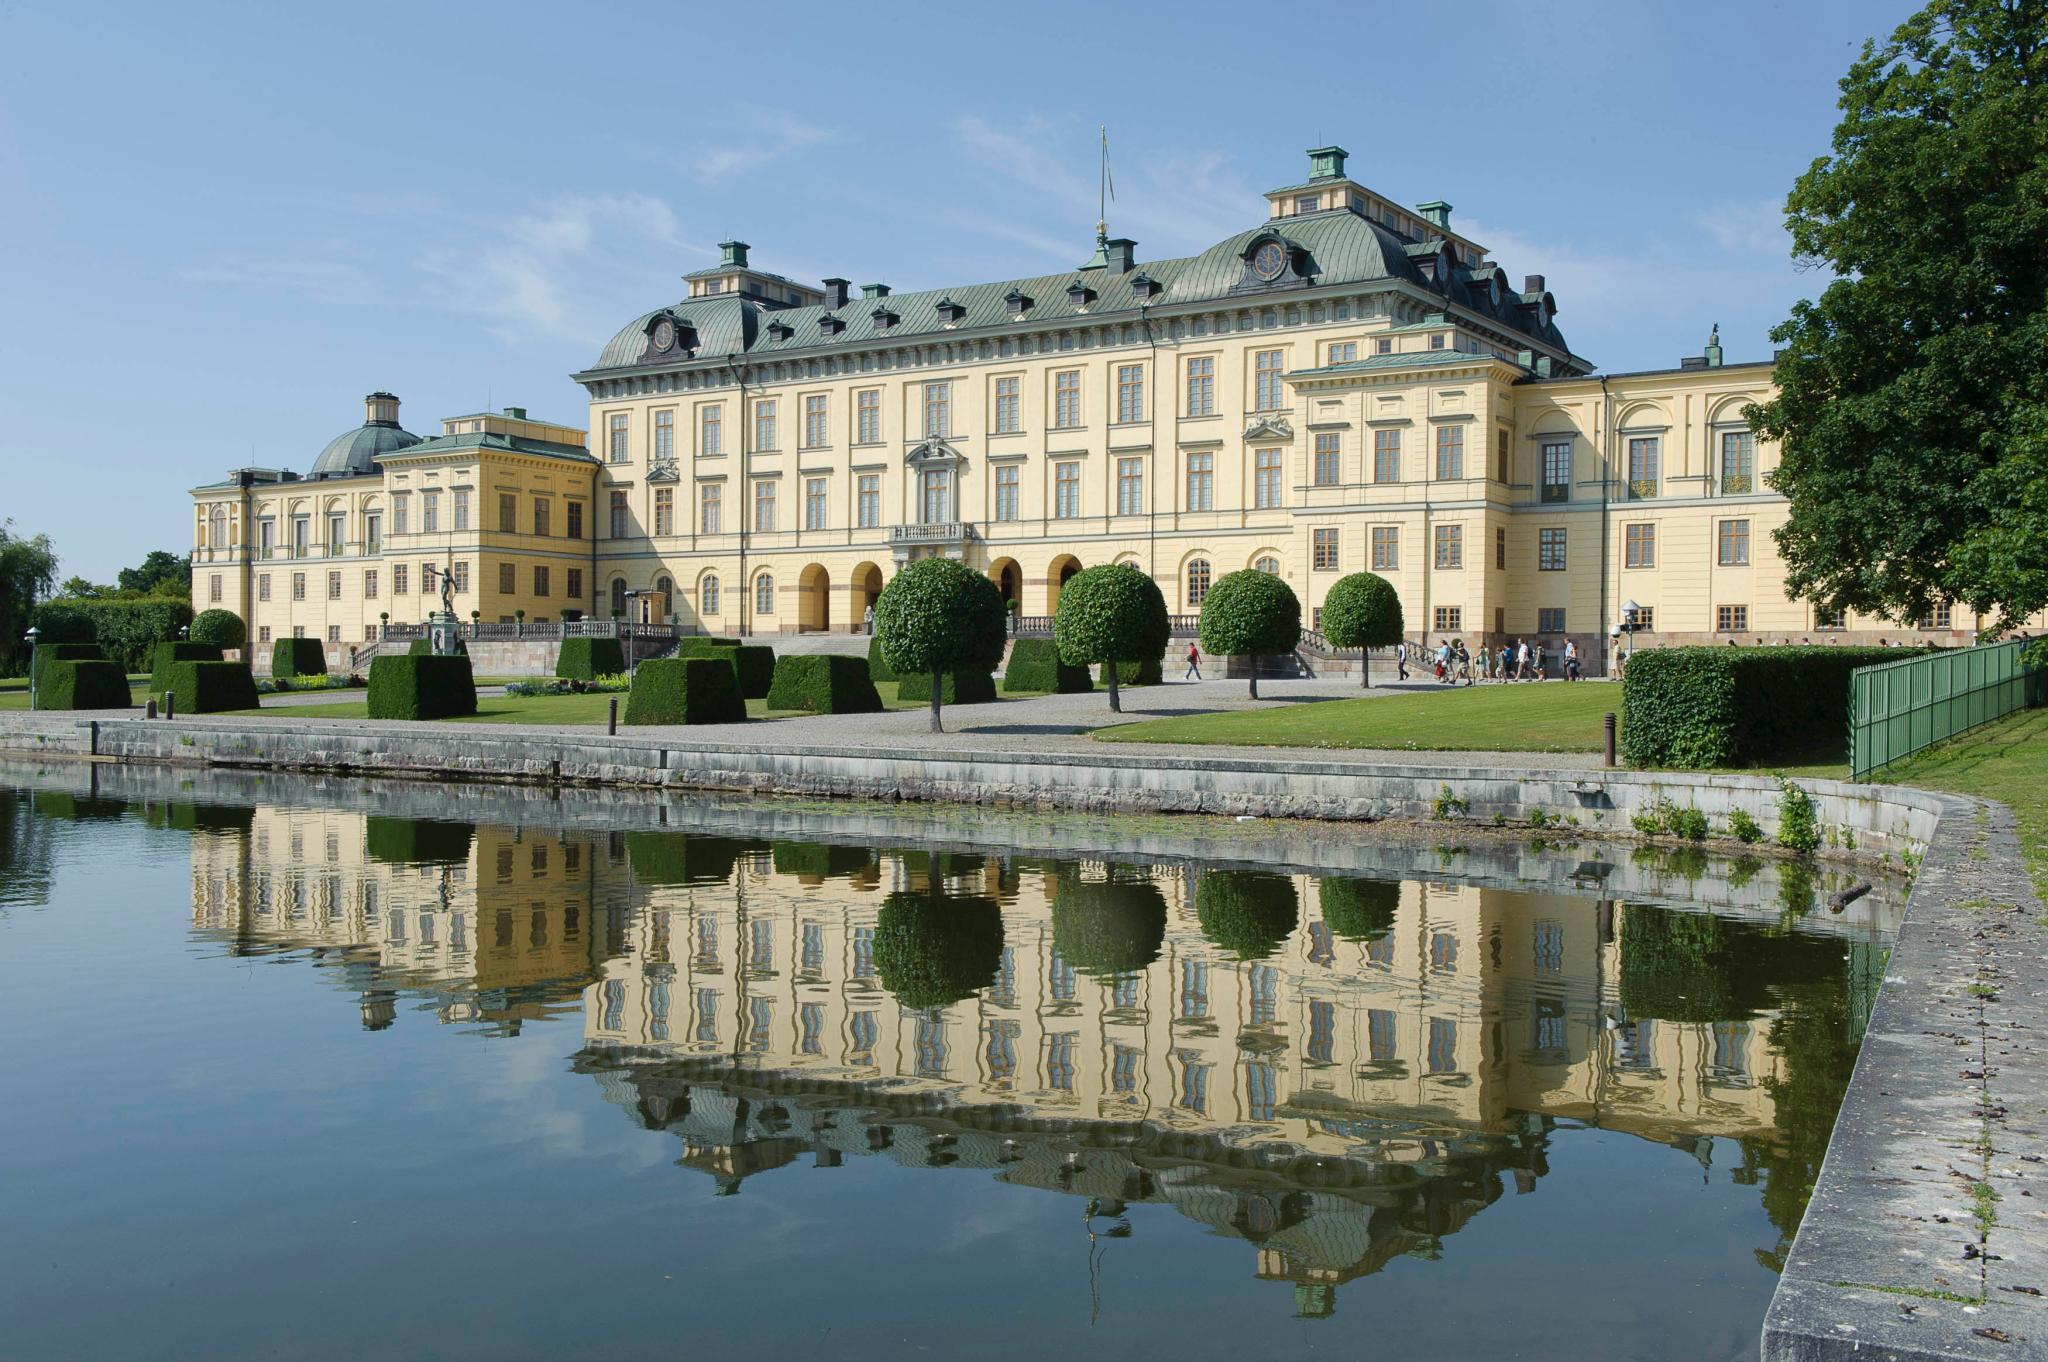 Das Hochzeitsbankett findet auf Schloss Drottningsholm, wo Prinzessin Madeleine auch geboren wurde, statt.